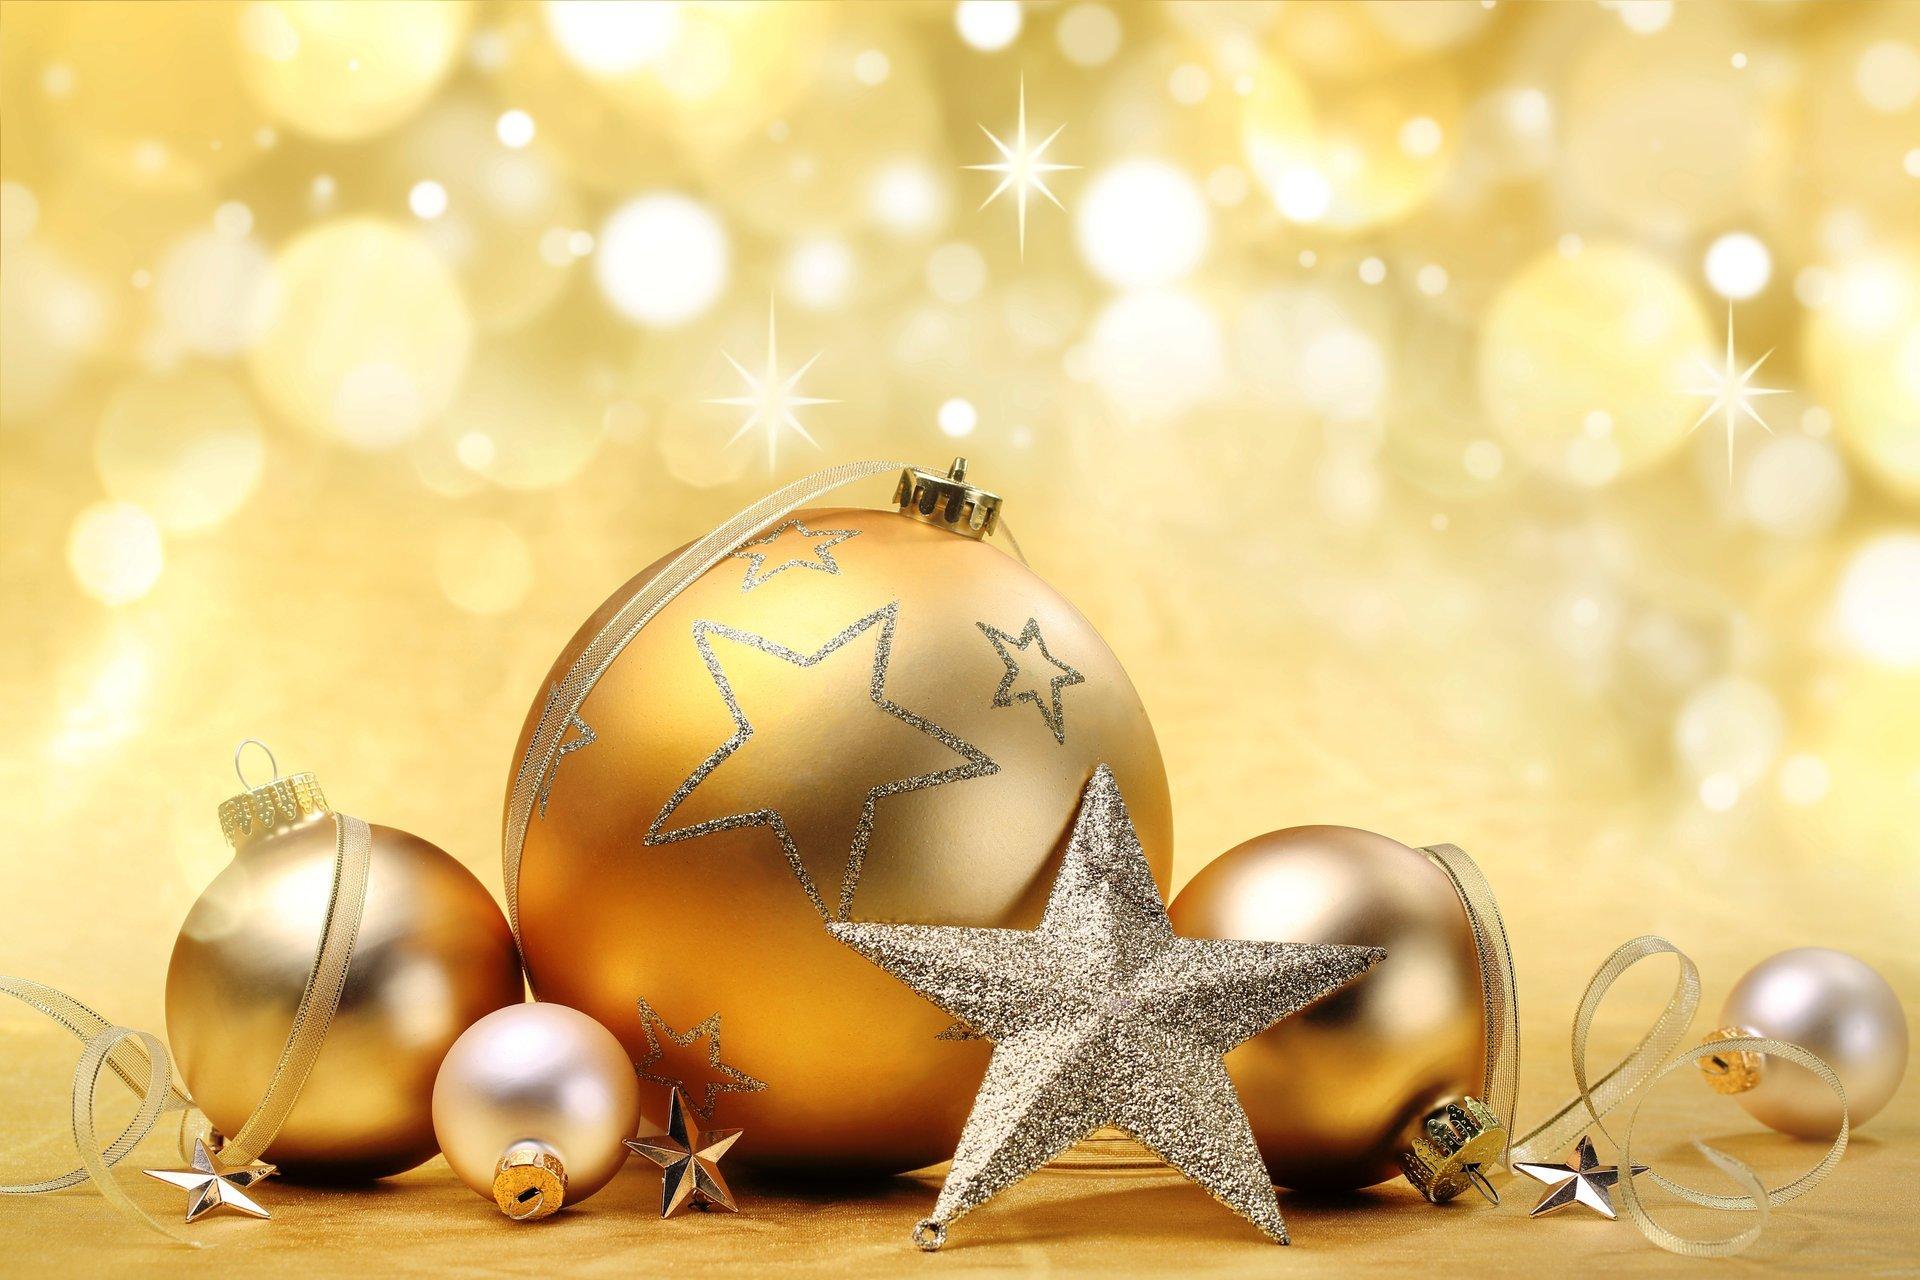 того, открытки новогодние шары на 2019 год добавления